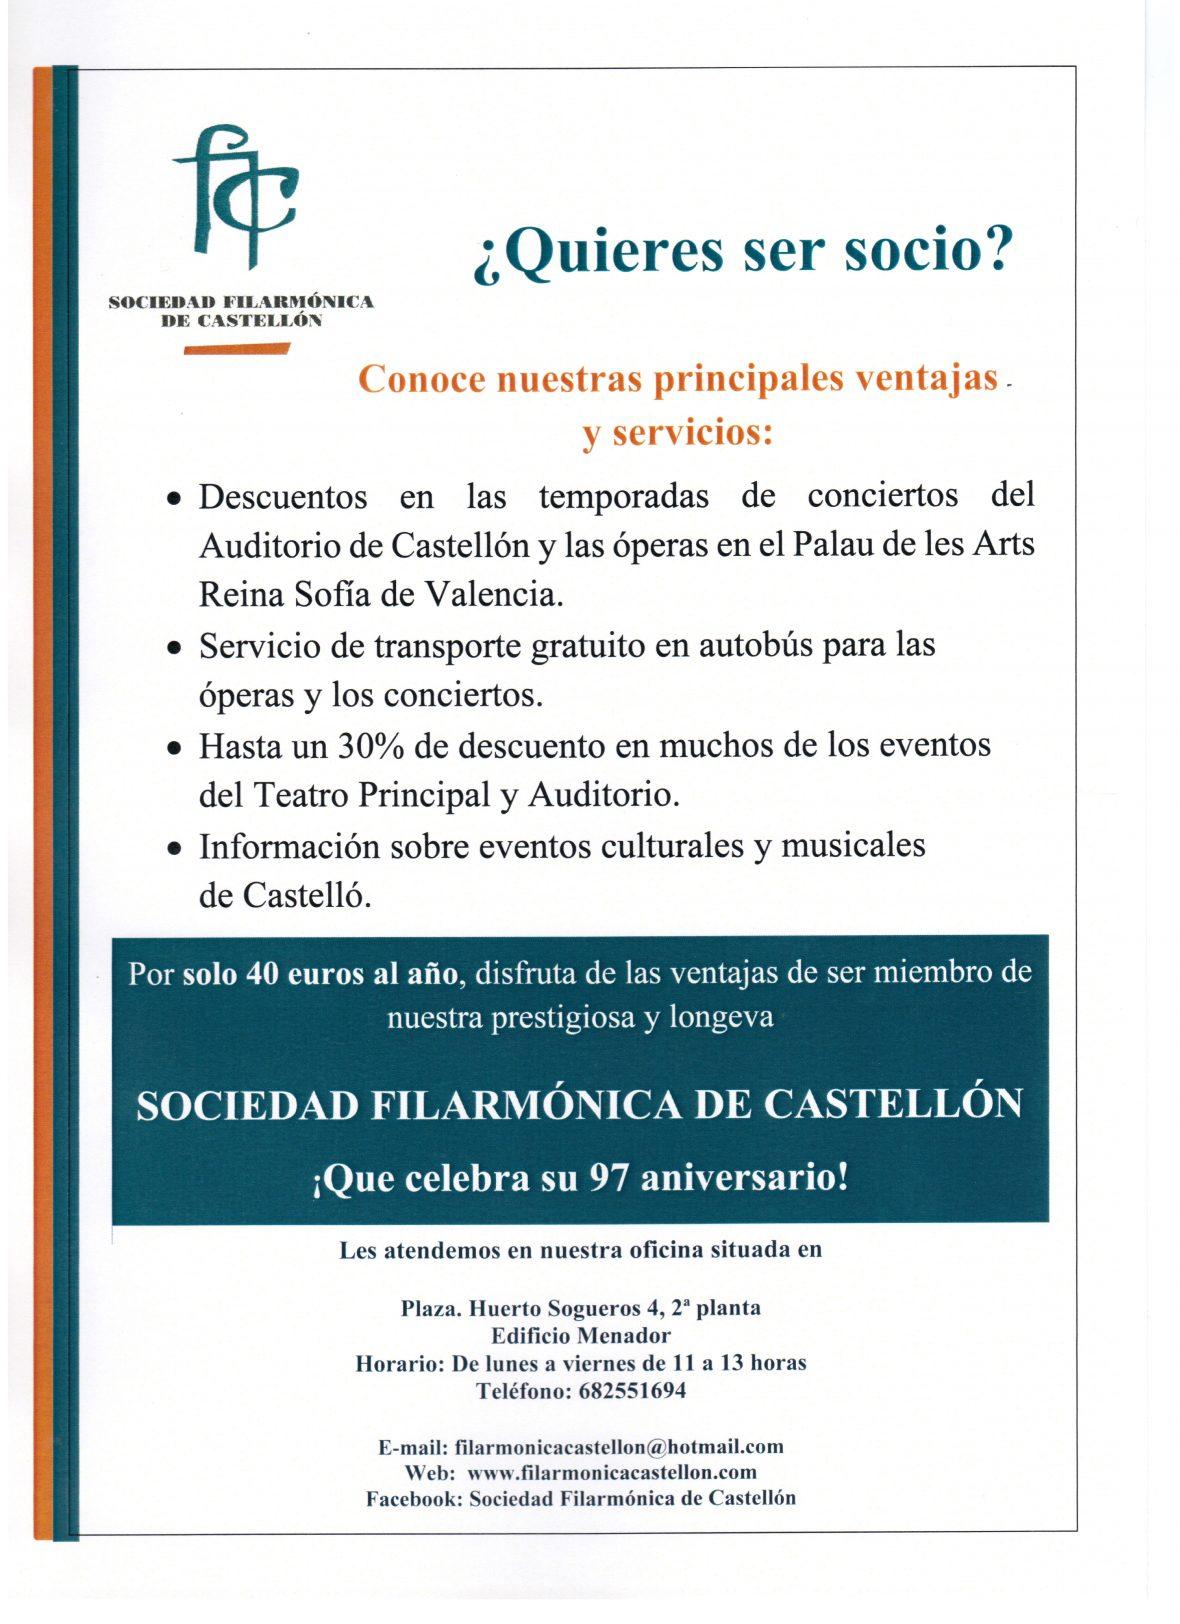 ¡HAZTE SOCIO!            Conoce nuestras principales ventajas y servicios de ser socio de la Sociedad Filarmónica de Castellón.